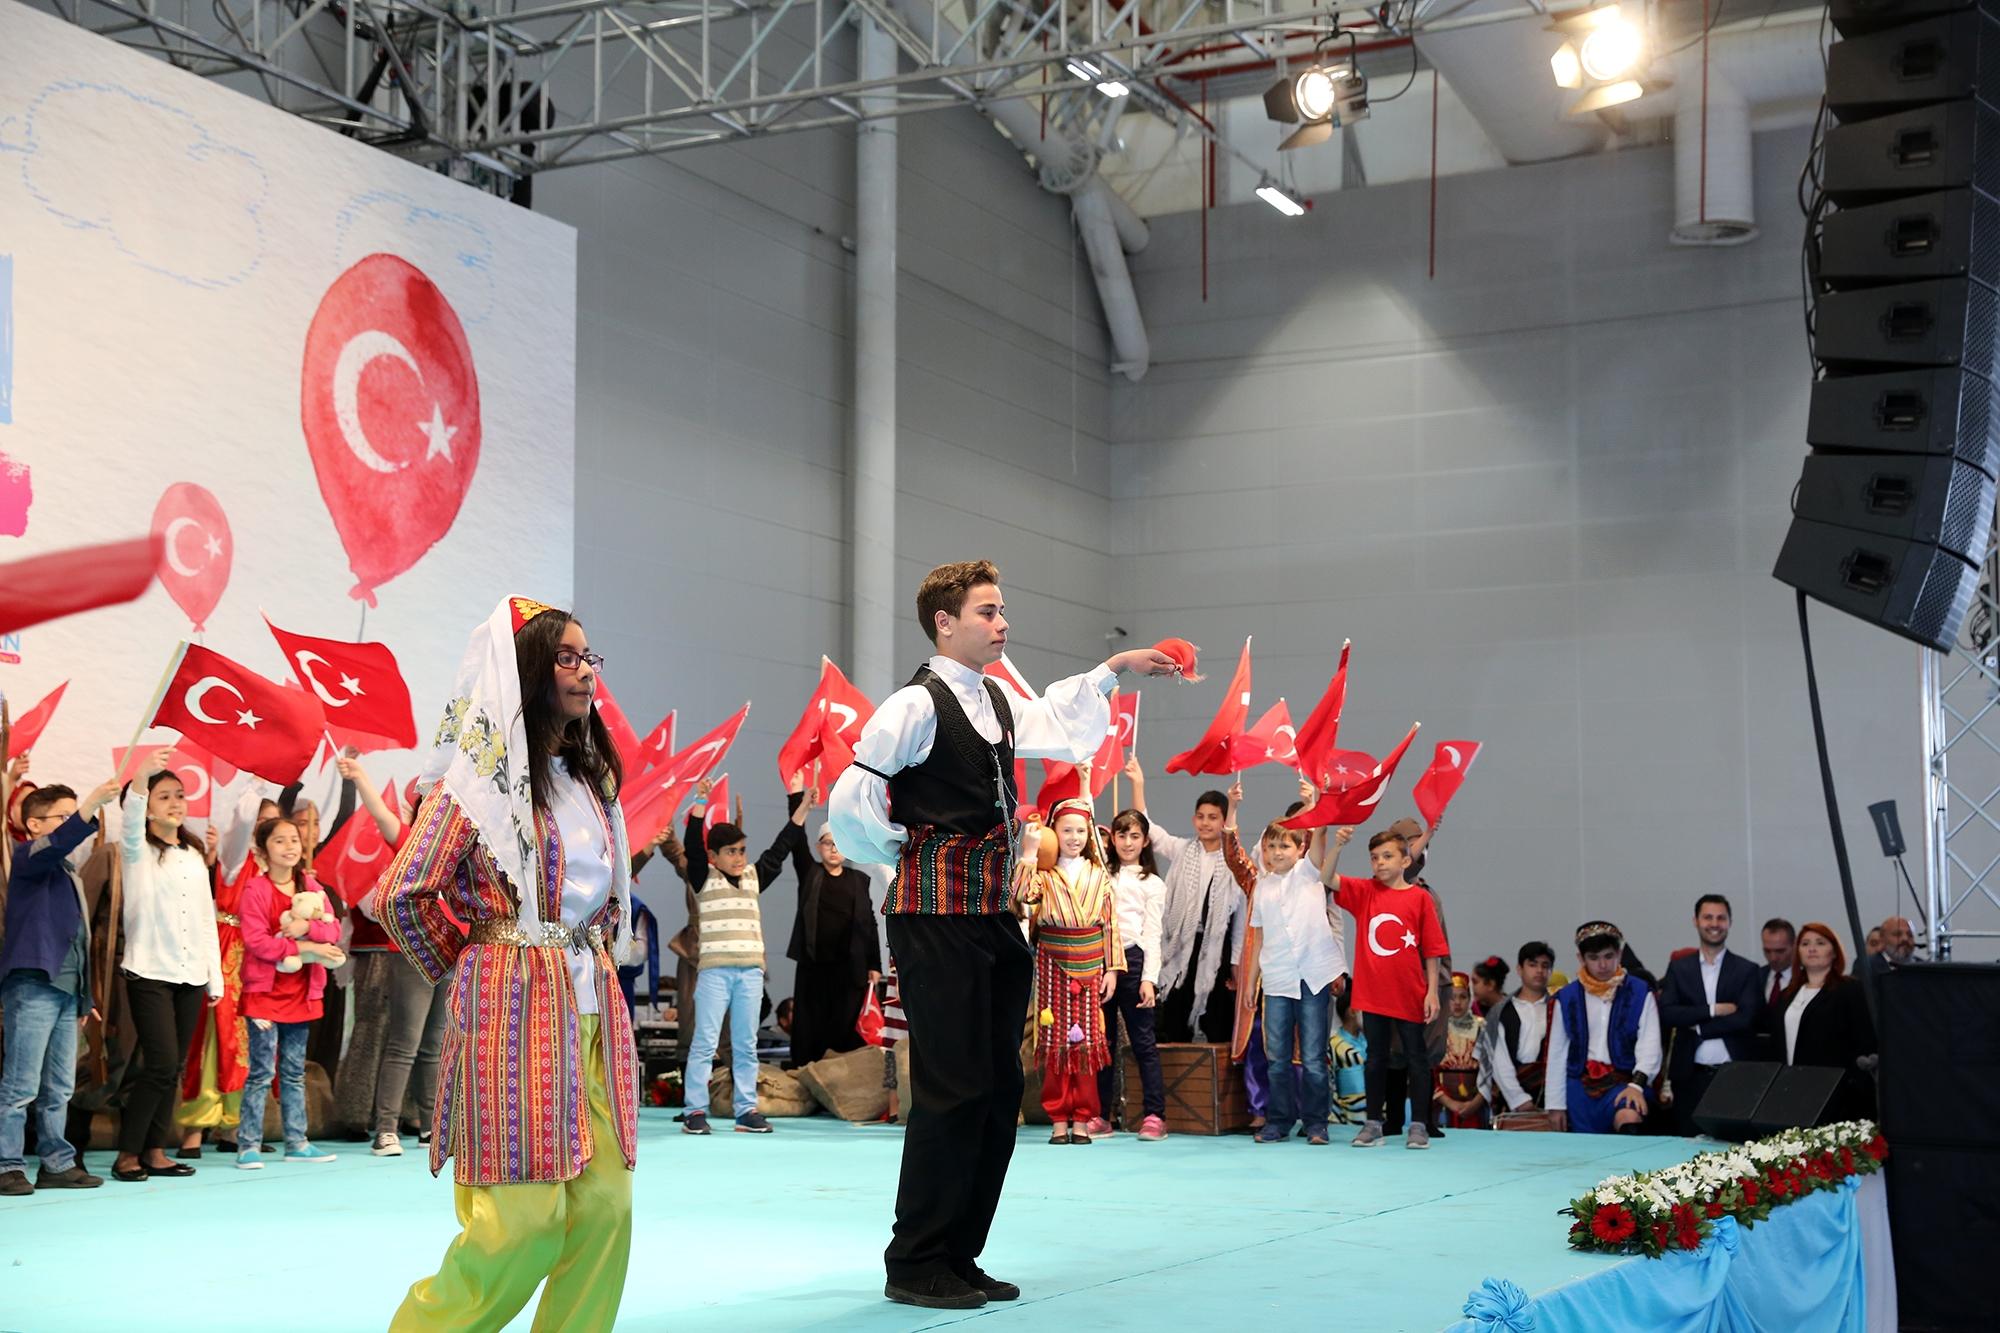 Konuşan Trafik Çocuk Oyunu Kadıköy Halk Eğitim Merkezi'nde 33